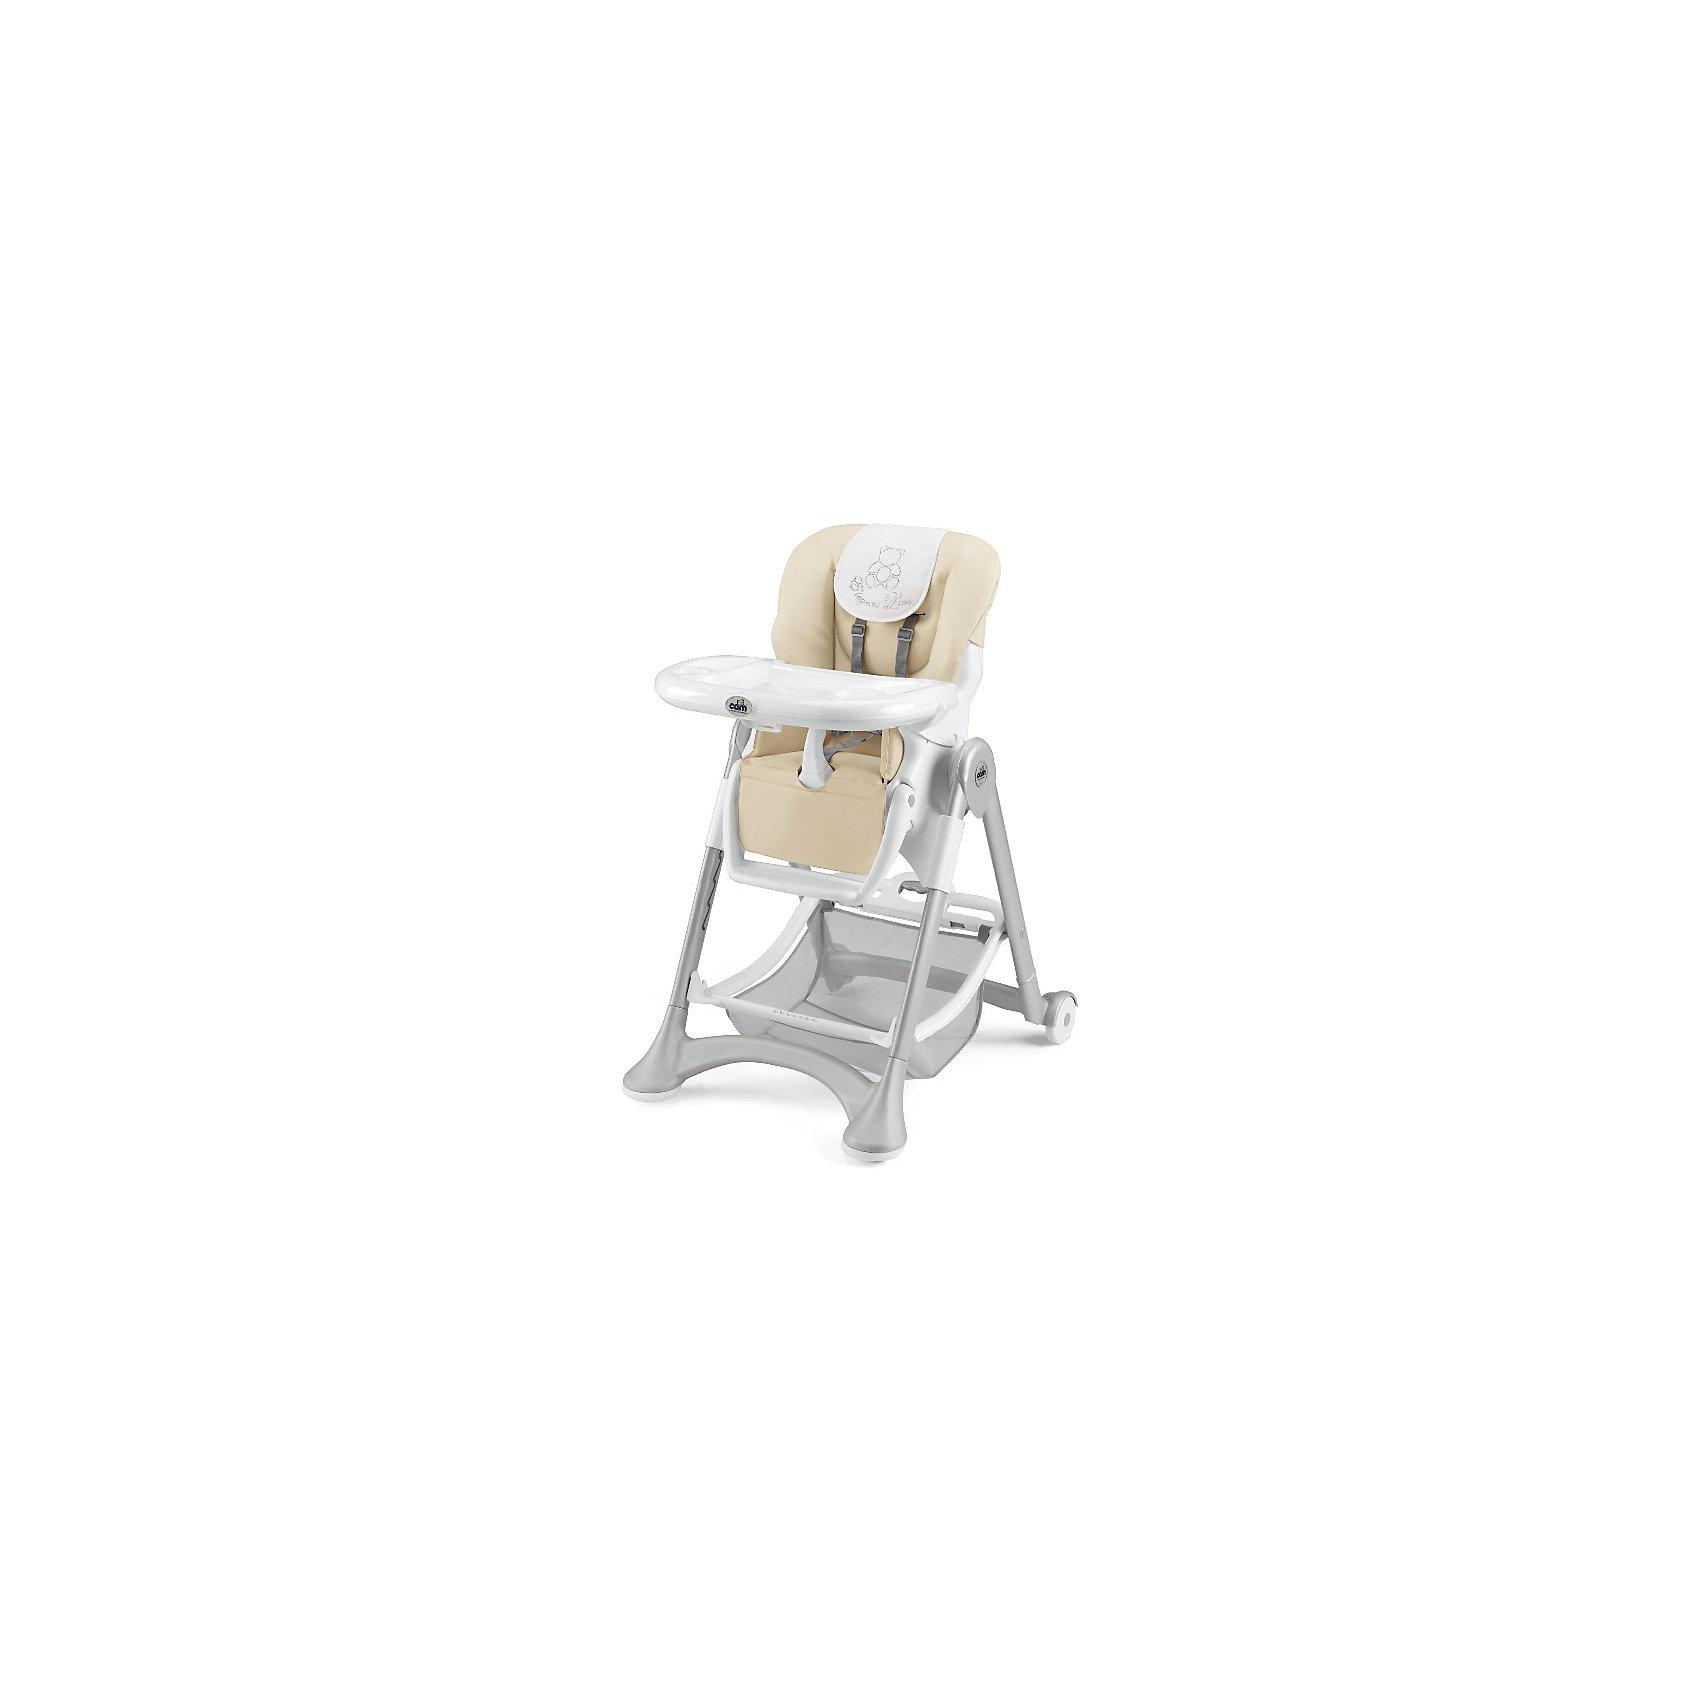 Стульчик для кормления Campione Elegant, CAM, Cream LeatheretteОчень удобный и комфортный стульчик для кормления обязательно понравится малышам! Мягкое сиденье с регулируемой спинкой, страховочными ремнями и удобным разделителем для ног обеспечит малышам комфорт и безопасность. Стульчик имеет колесики, облегчающие перемещение по квартире; удобную подставку для ножек ребенка; съемный стол можно мыть в посудомоечной машине. Обивка стула выполнена из мягкой ткани, сам стул изготовлен из высококачественных прочных и экологичных материалов. Передняя часть рамы снабжена нескользящими ножками, которые обеспечивают дополнительную безопасность. Под сиденьем располагается большая корзина для игрушек и вещей. <br><br>Дополнительная информация:<br><br>- Материал: пластик, металл, <br>- Размеры : 109х84х61 см<br>- Размеры в сложенном виде: 97х40х61 см.<br>- Колесики.<br>- Вместительная корзина внизу. <br>- Нескользящие ножки.<br>- Регулируемый наклон спинки ( 3 положения, до положения лежа).<br>- Компактно складывается.<br>- Съемный стол (можно мыть в посудомоечной машине).<br>- Регулировка по высоте в 6 положениях. <br>- Регулируемая подножка.<br>- 5-ти точечные ремни безопасности.<br>- Чехол из ткани легко чистить. <br><br>Стульчик для кормления Campione Elegant, CAM, Cream Leatherette, можно купить в нашем магазине.<br><br>Ширина мм: 627<br>Глубина мм: 307<br>Высота мм: 980<br>Вес г: 12200<br>Возраст от месяцев: 6<br>Возраст до месяцев: 36<br>Пол: Унисекс<br>Возраст: Детский<br>SKU: 4443772